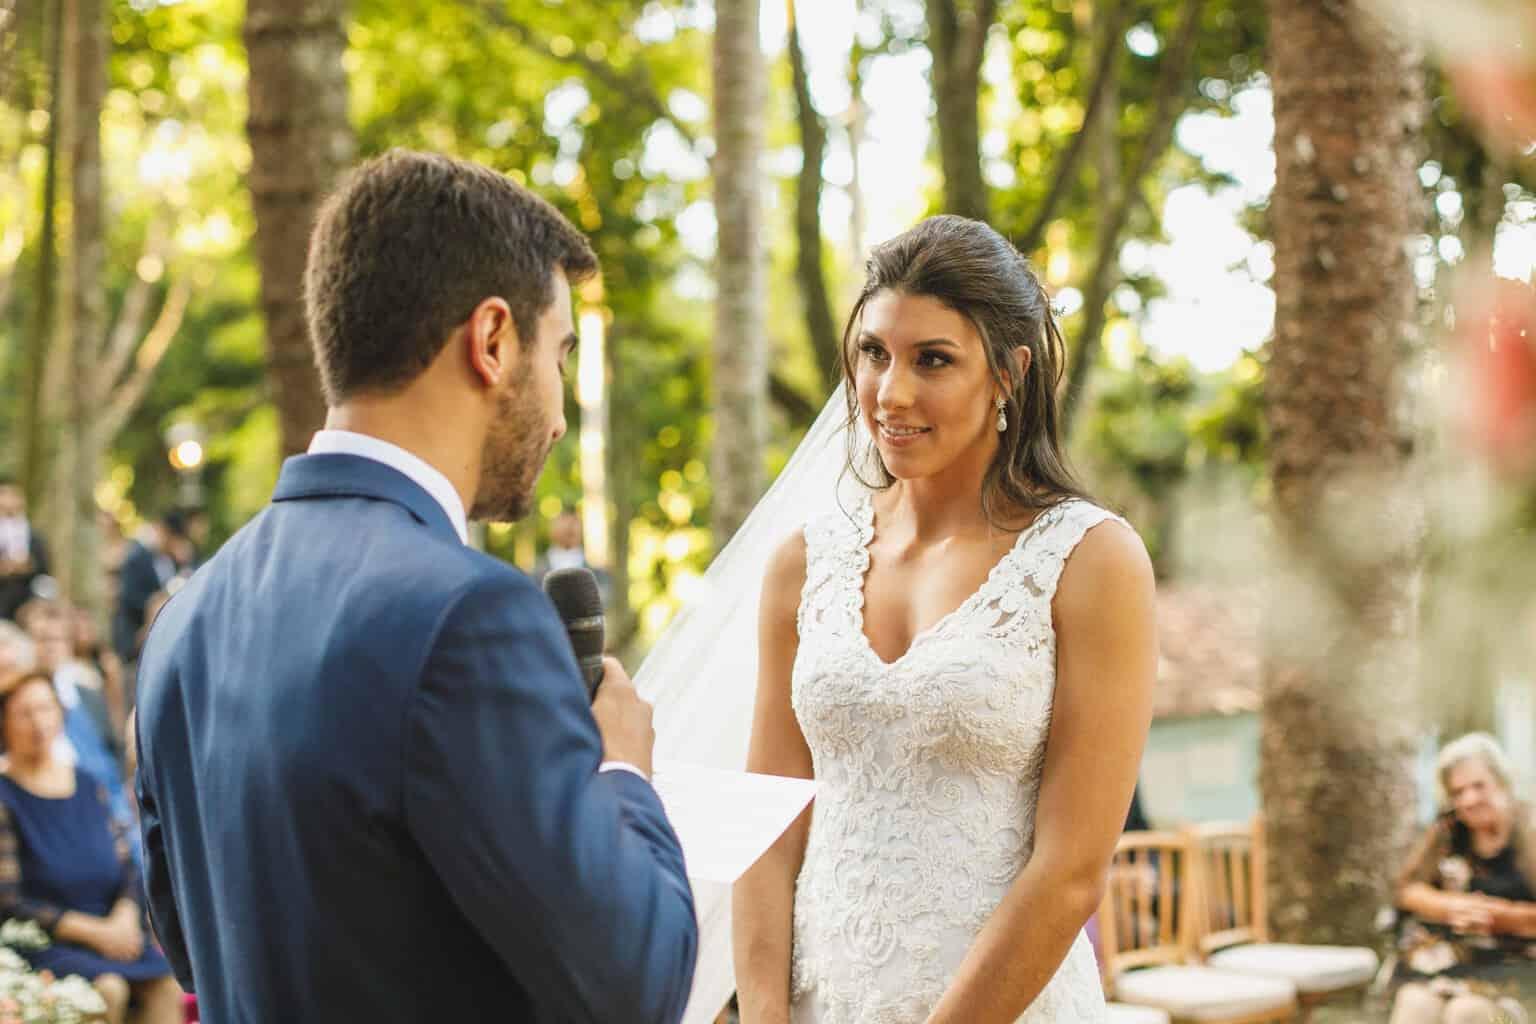 casamento-na-Fazenda-Vila-Rica-cerimonia-ao-ar-livre-cerimonial-Ana-Paula-Tabet-Fotografia-Euka-Weddings-Renata-e-Gabriel87